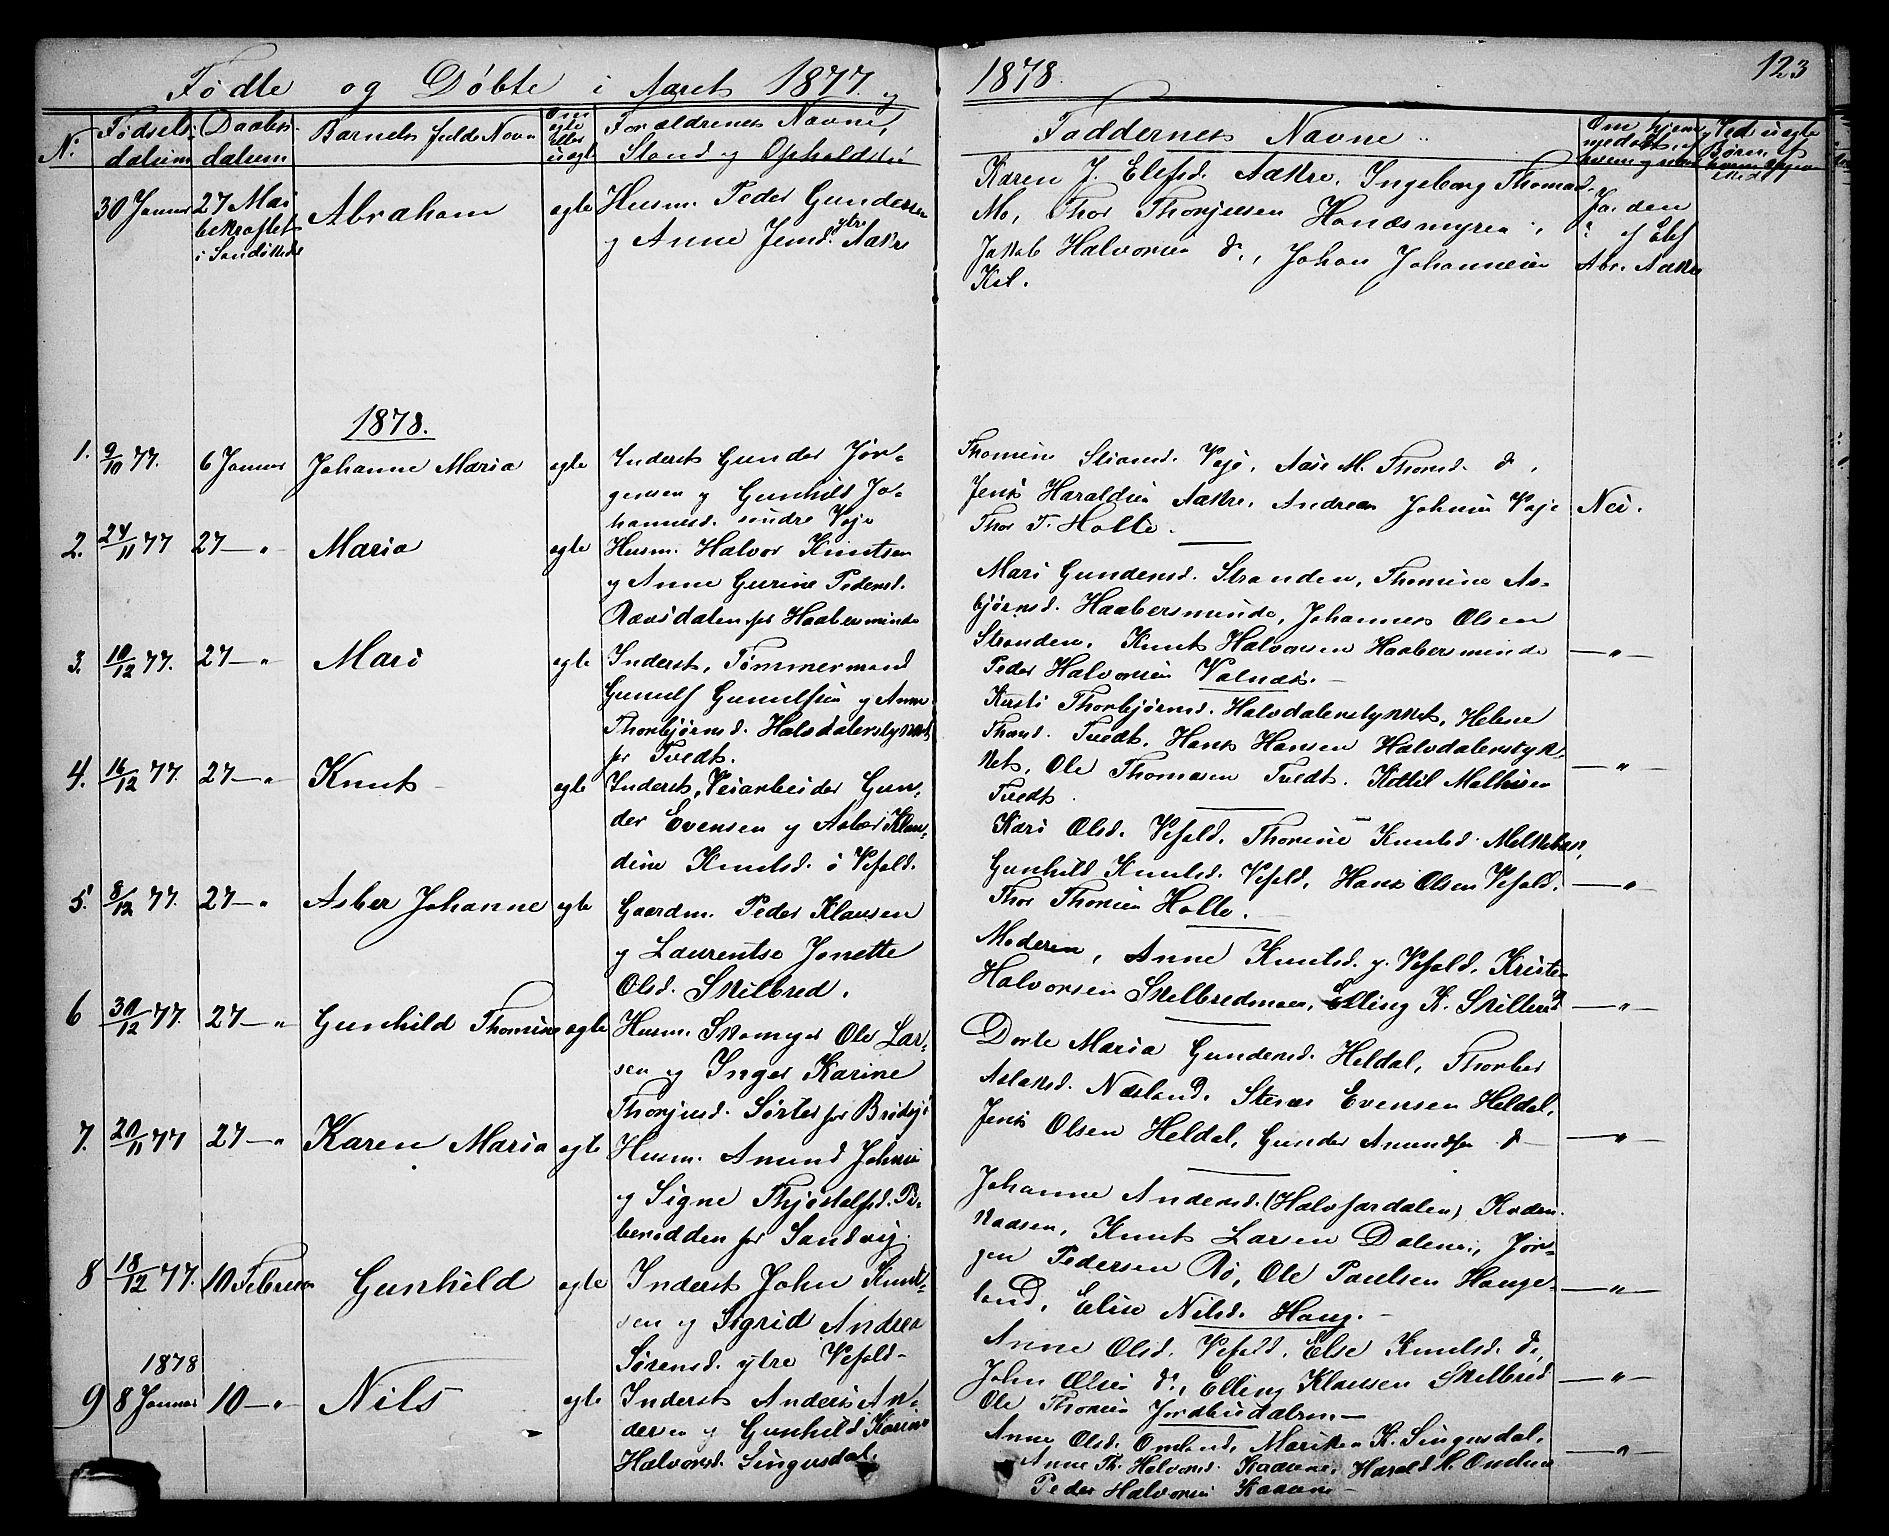 SAKO, Drangedal kirkebøker, G/Ga/L0002: Klokkerbok nr. I 2, 1856-1887, s. 123